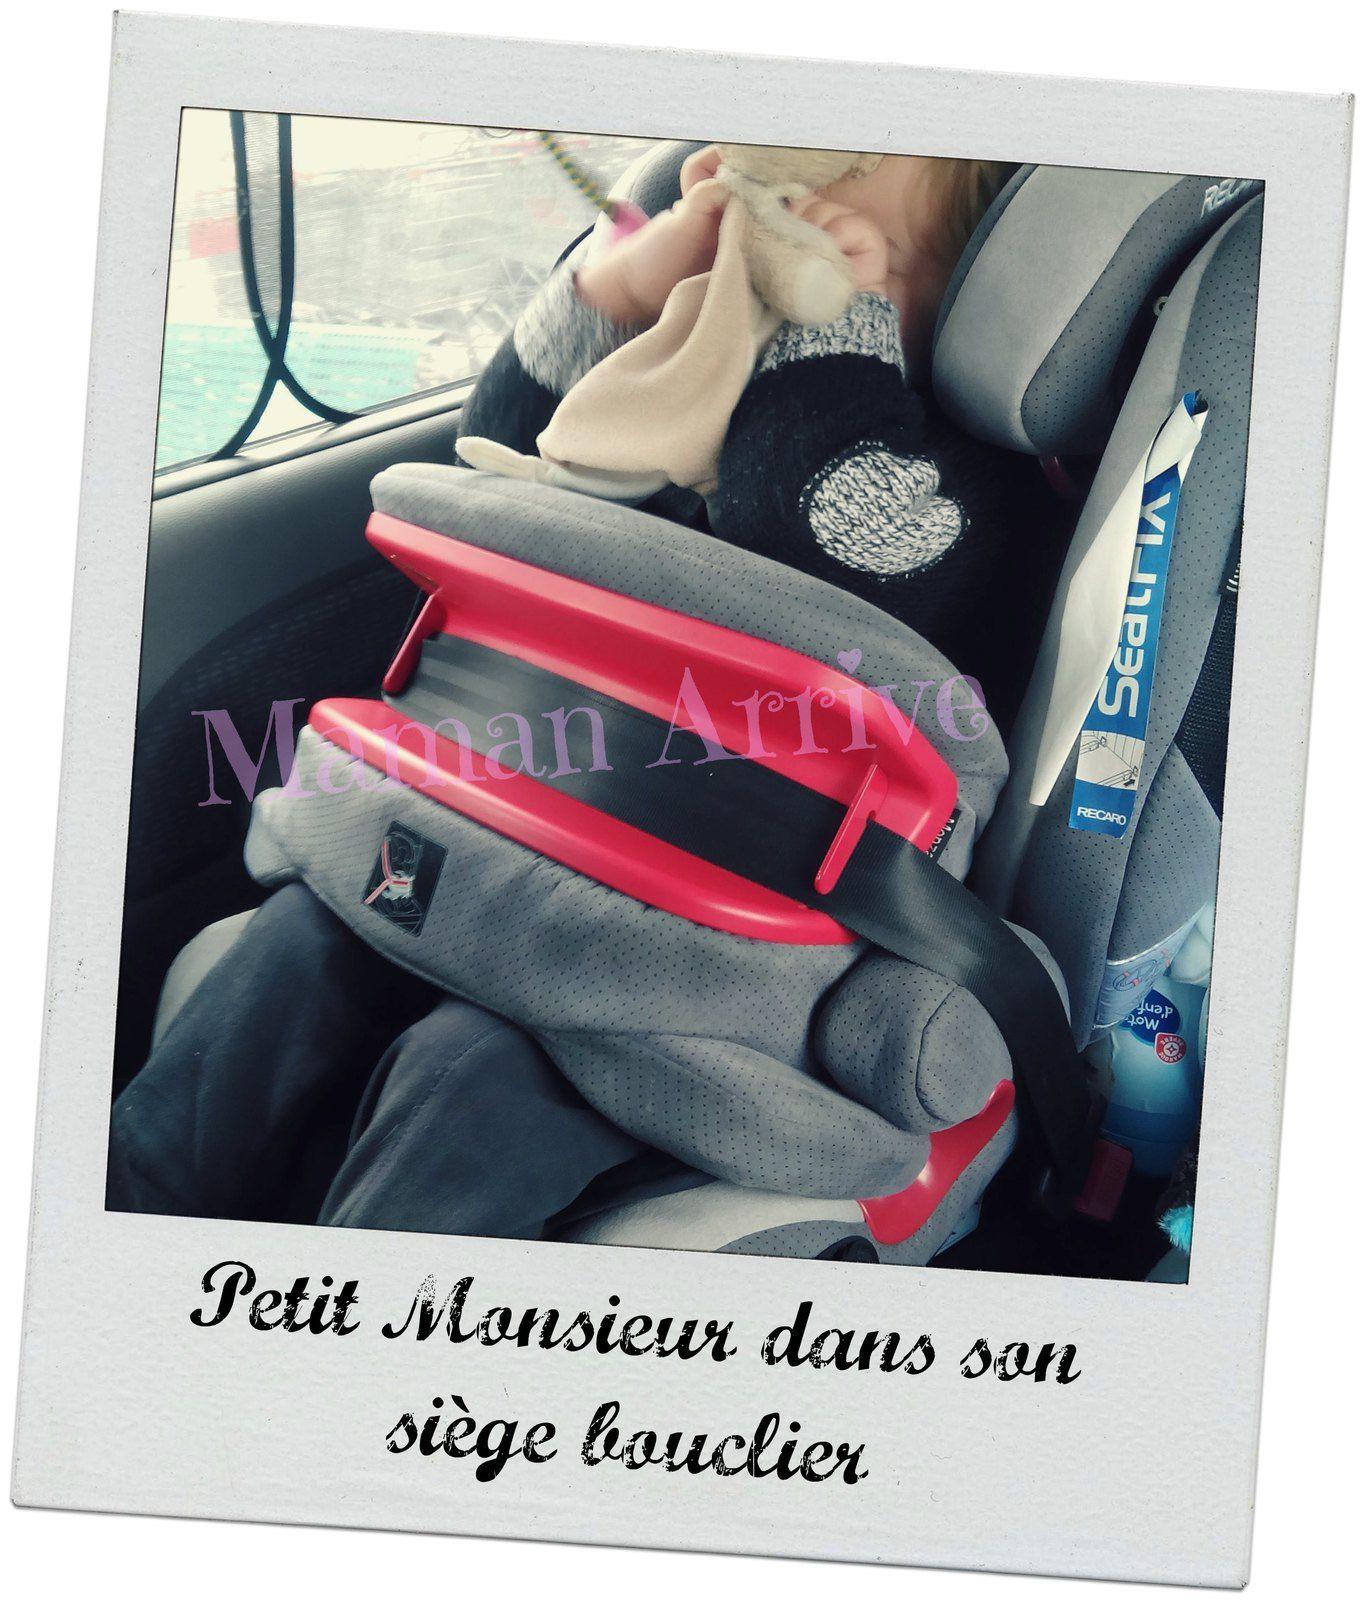 Les sièges auto c'est si important que ça ?! (normes en vigueur)